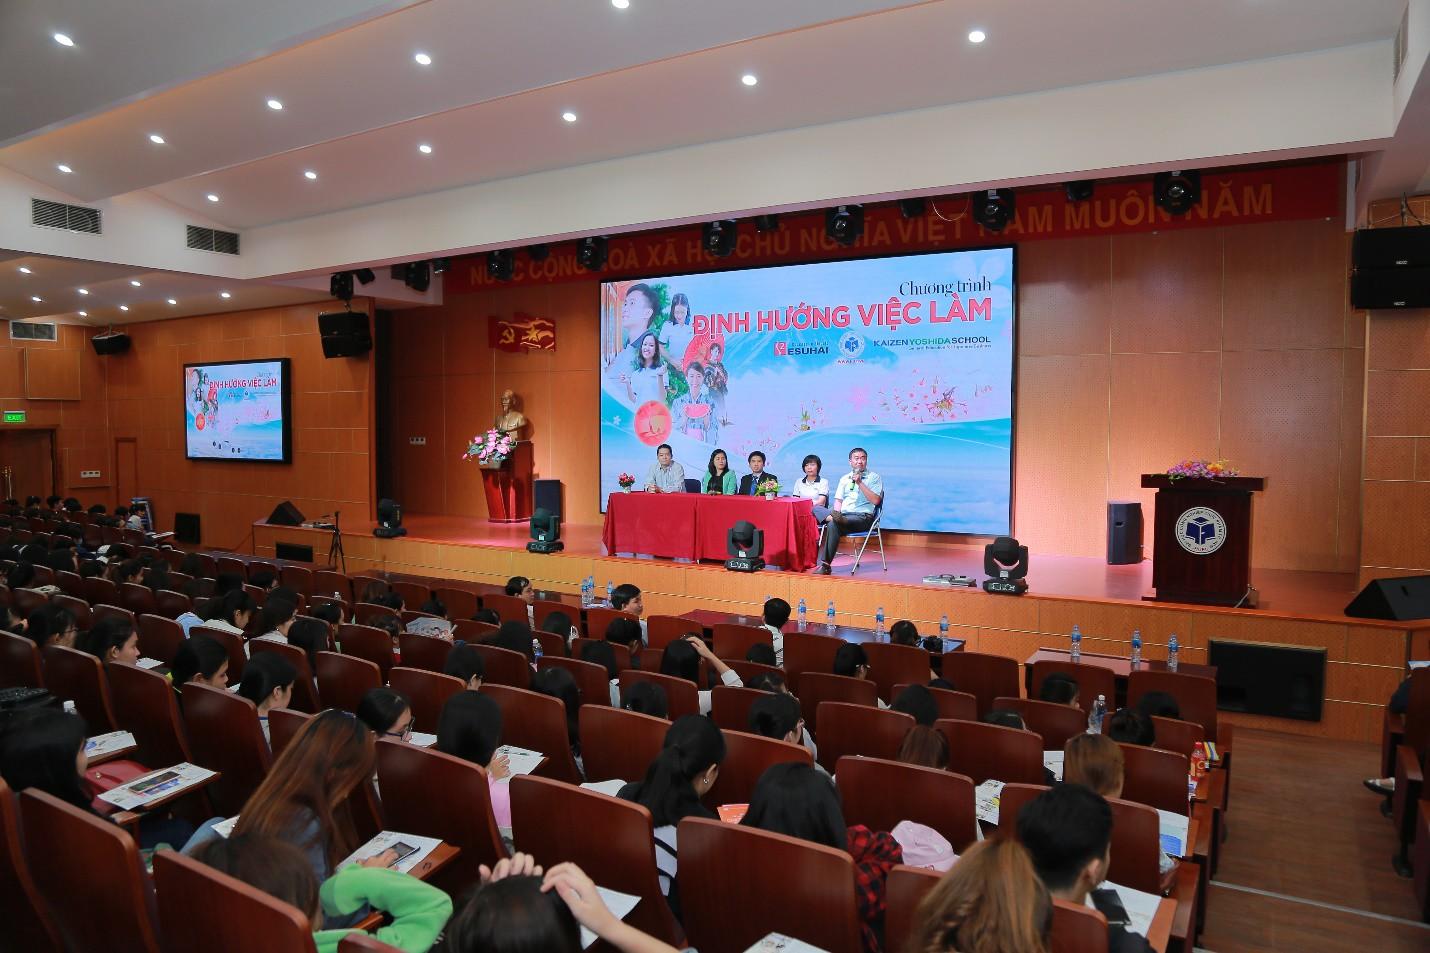 Cam kết việc làm khi học hệ cao đẳng tại trường ĐH Công nghiệp Thực phẩm TP.Hồ Chí Minh - Ảnh 5.